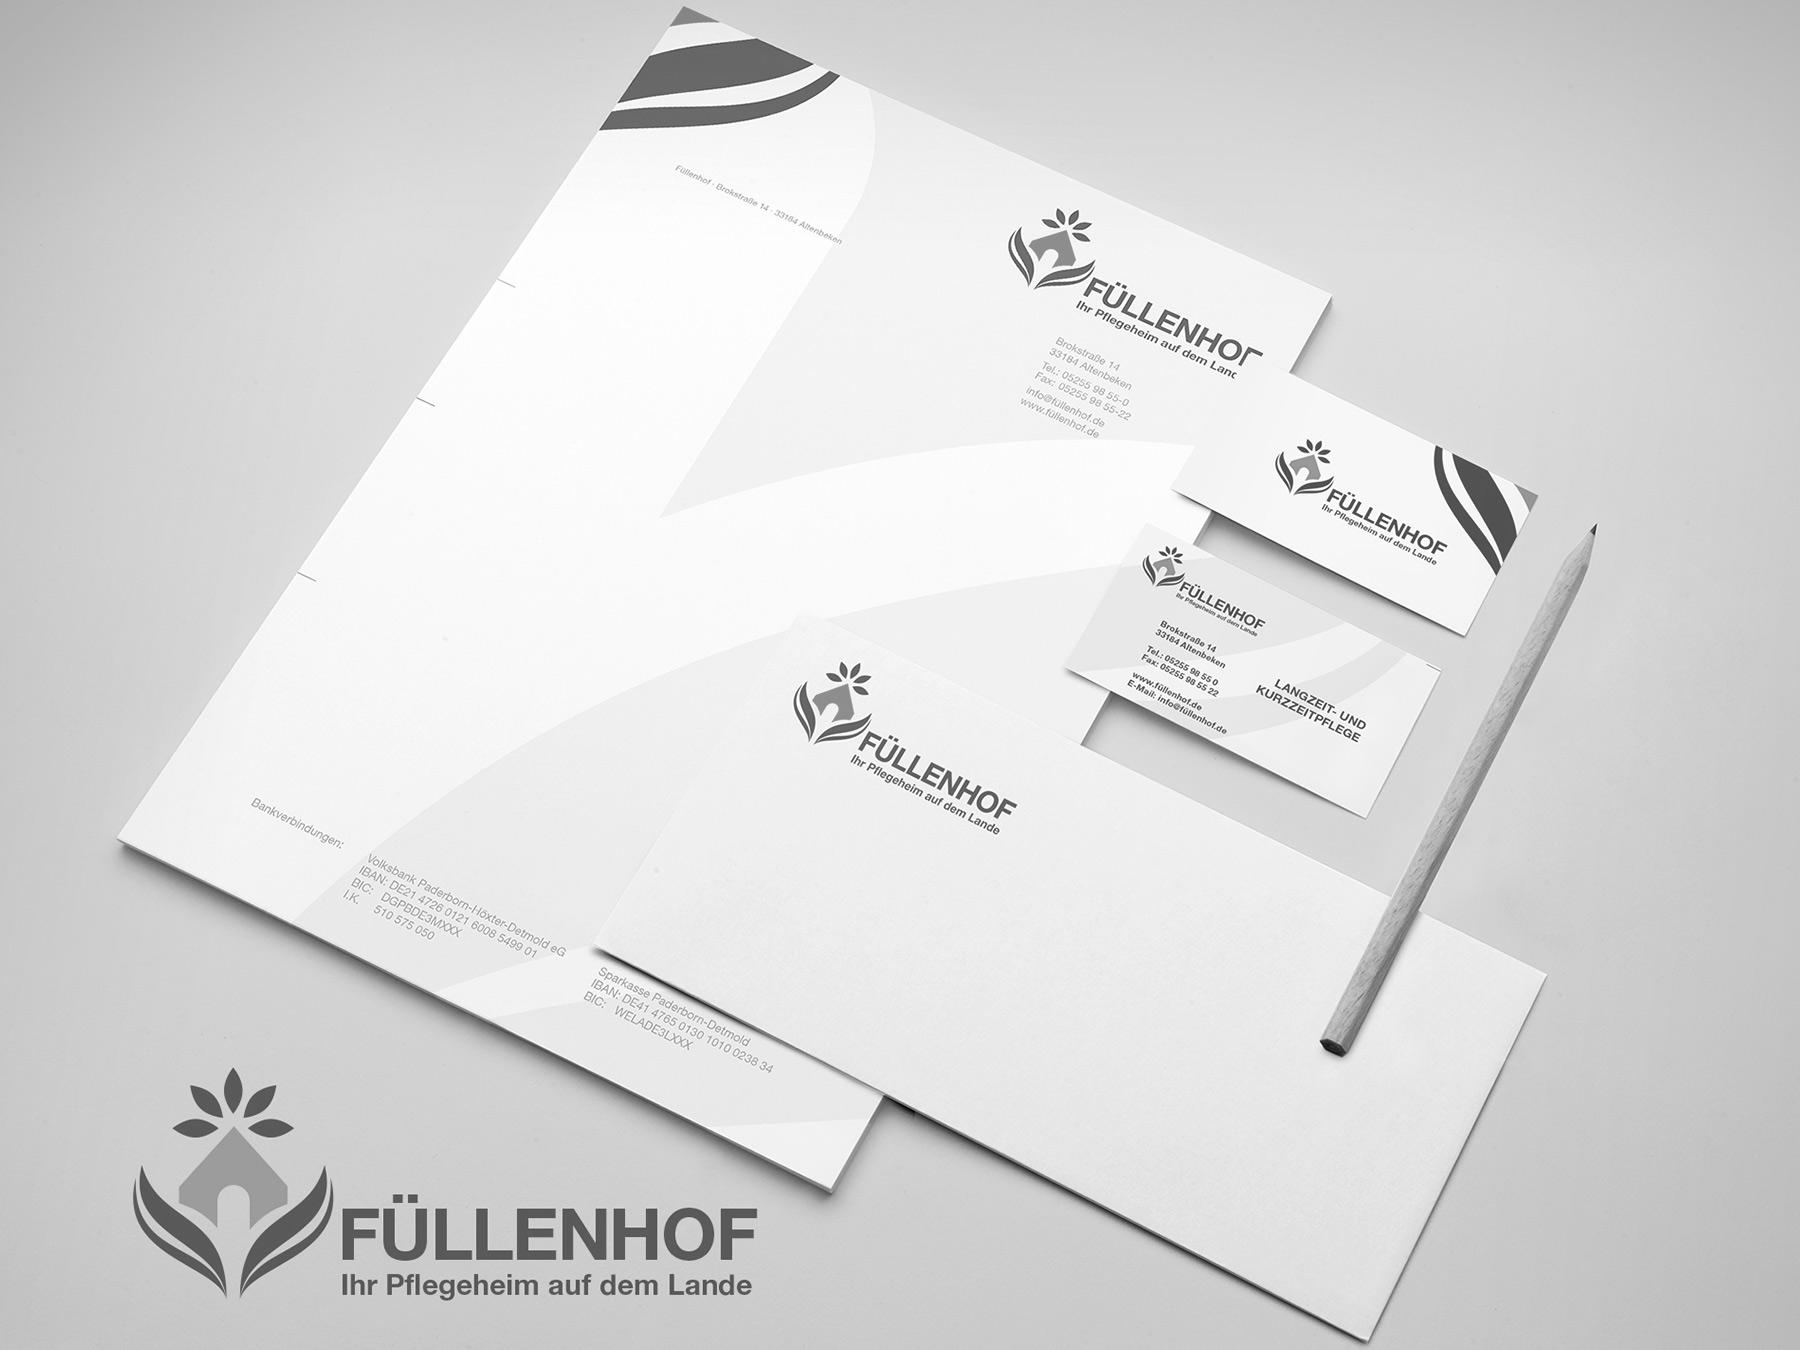 Markenentwicklung, Logoentwicklung, Corporate Design, Internetrelaunch